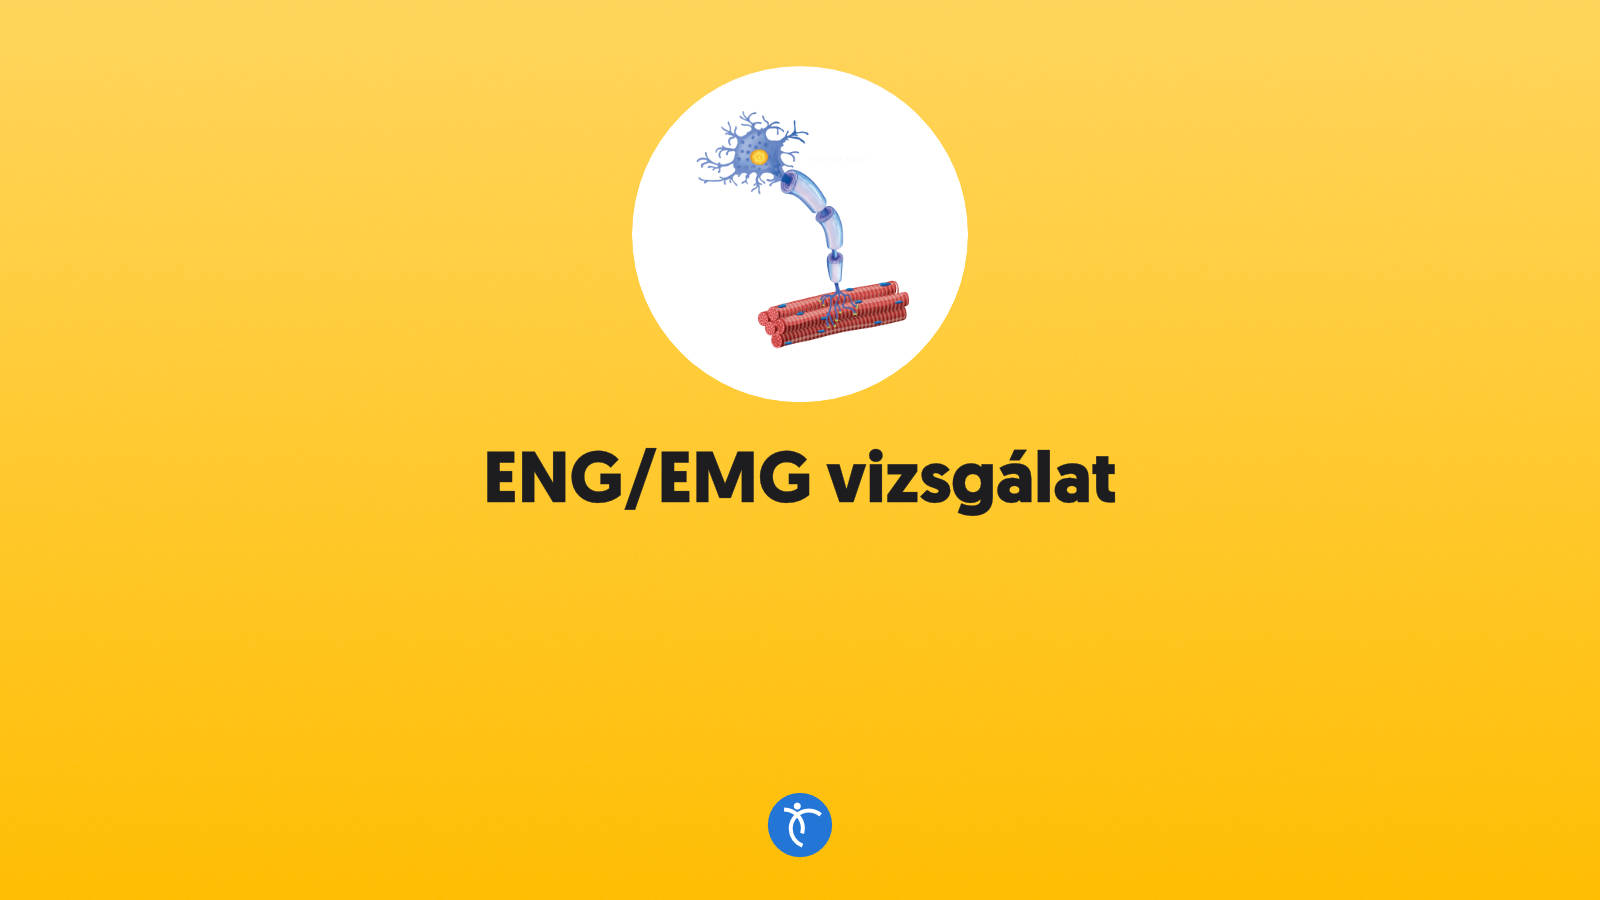 ENG/EMG vizsgálatok